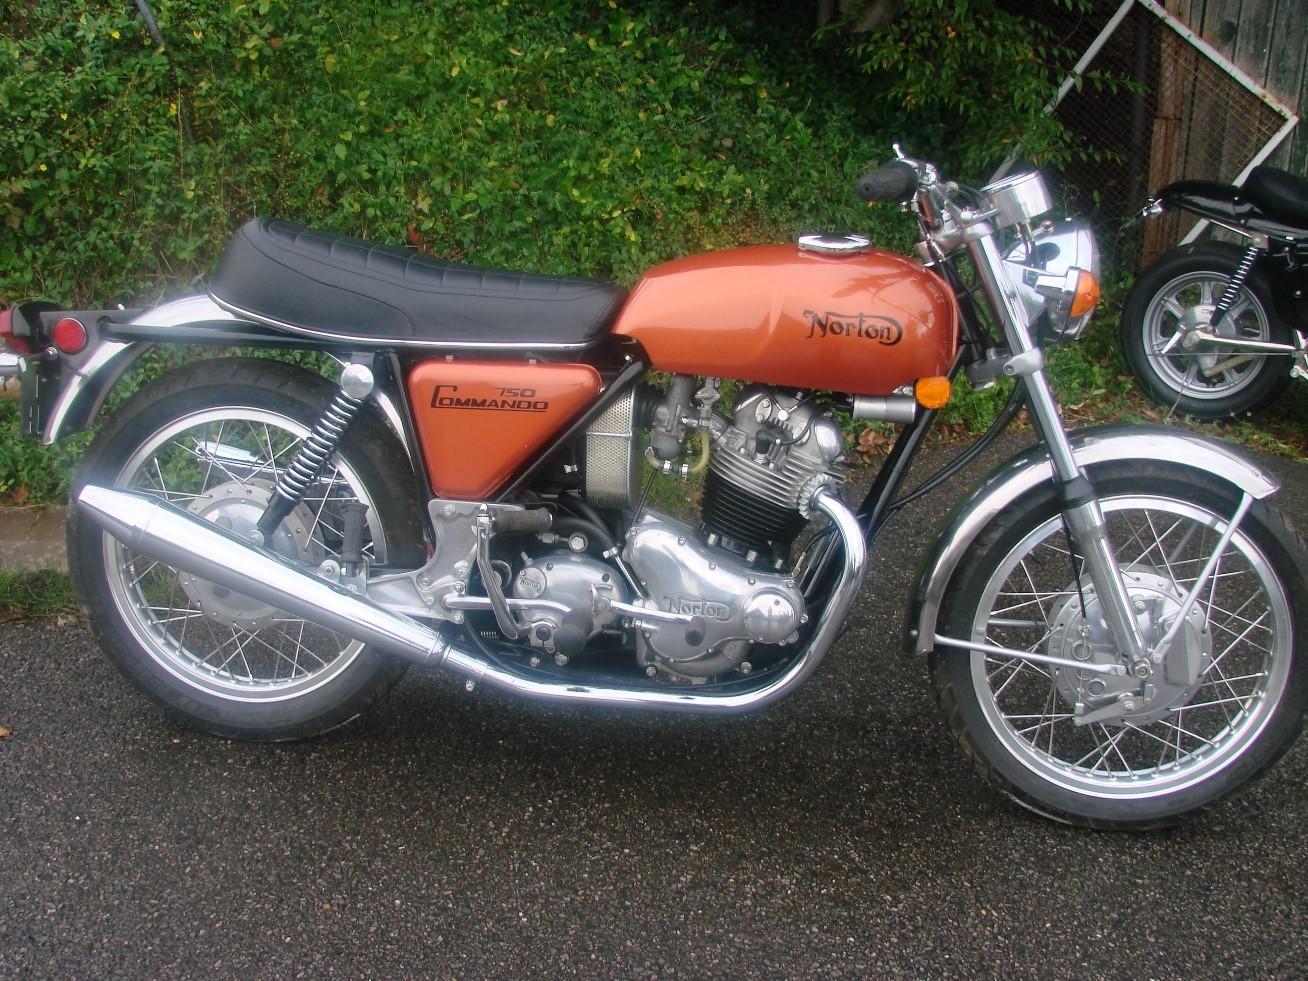 1970 Norton 750 Commando Bol D Or Motorcycles